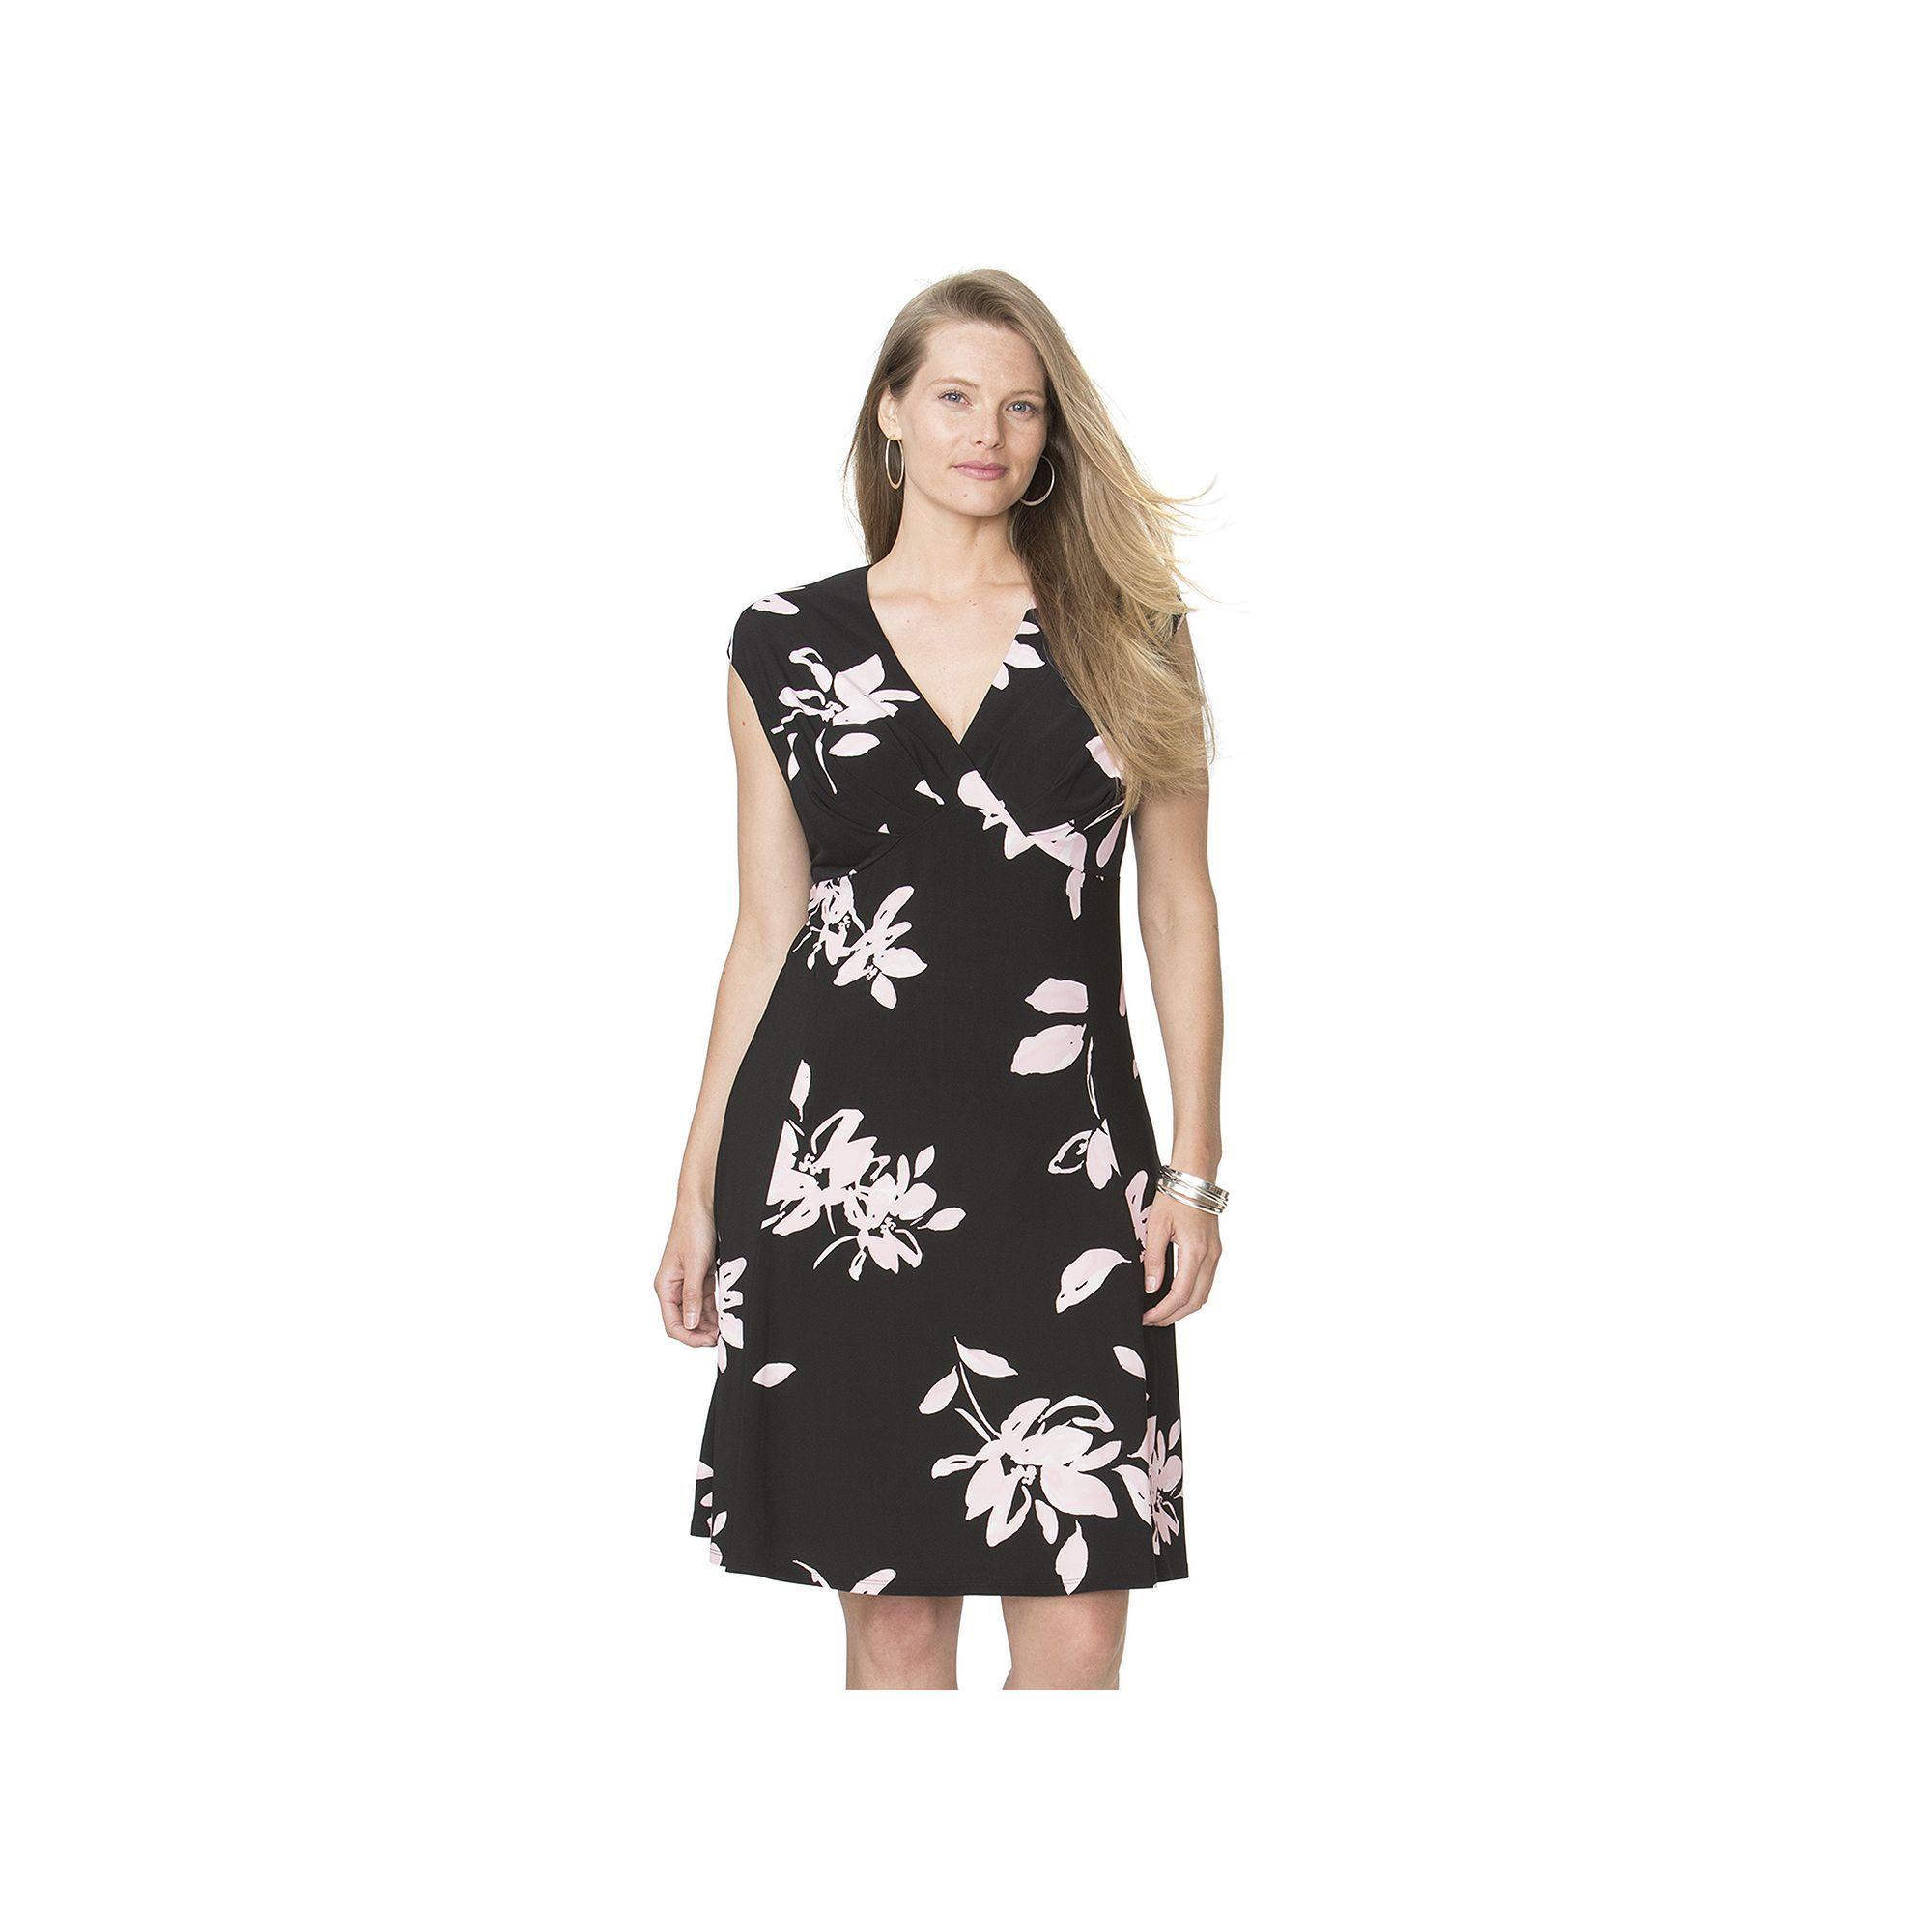 b7fec8fc260 Plus Size Chaps Floral Surplice Empire Dress